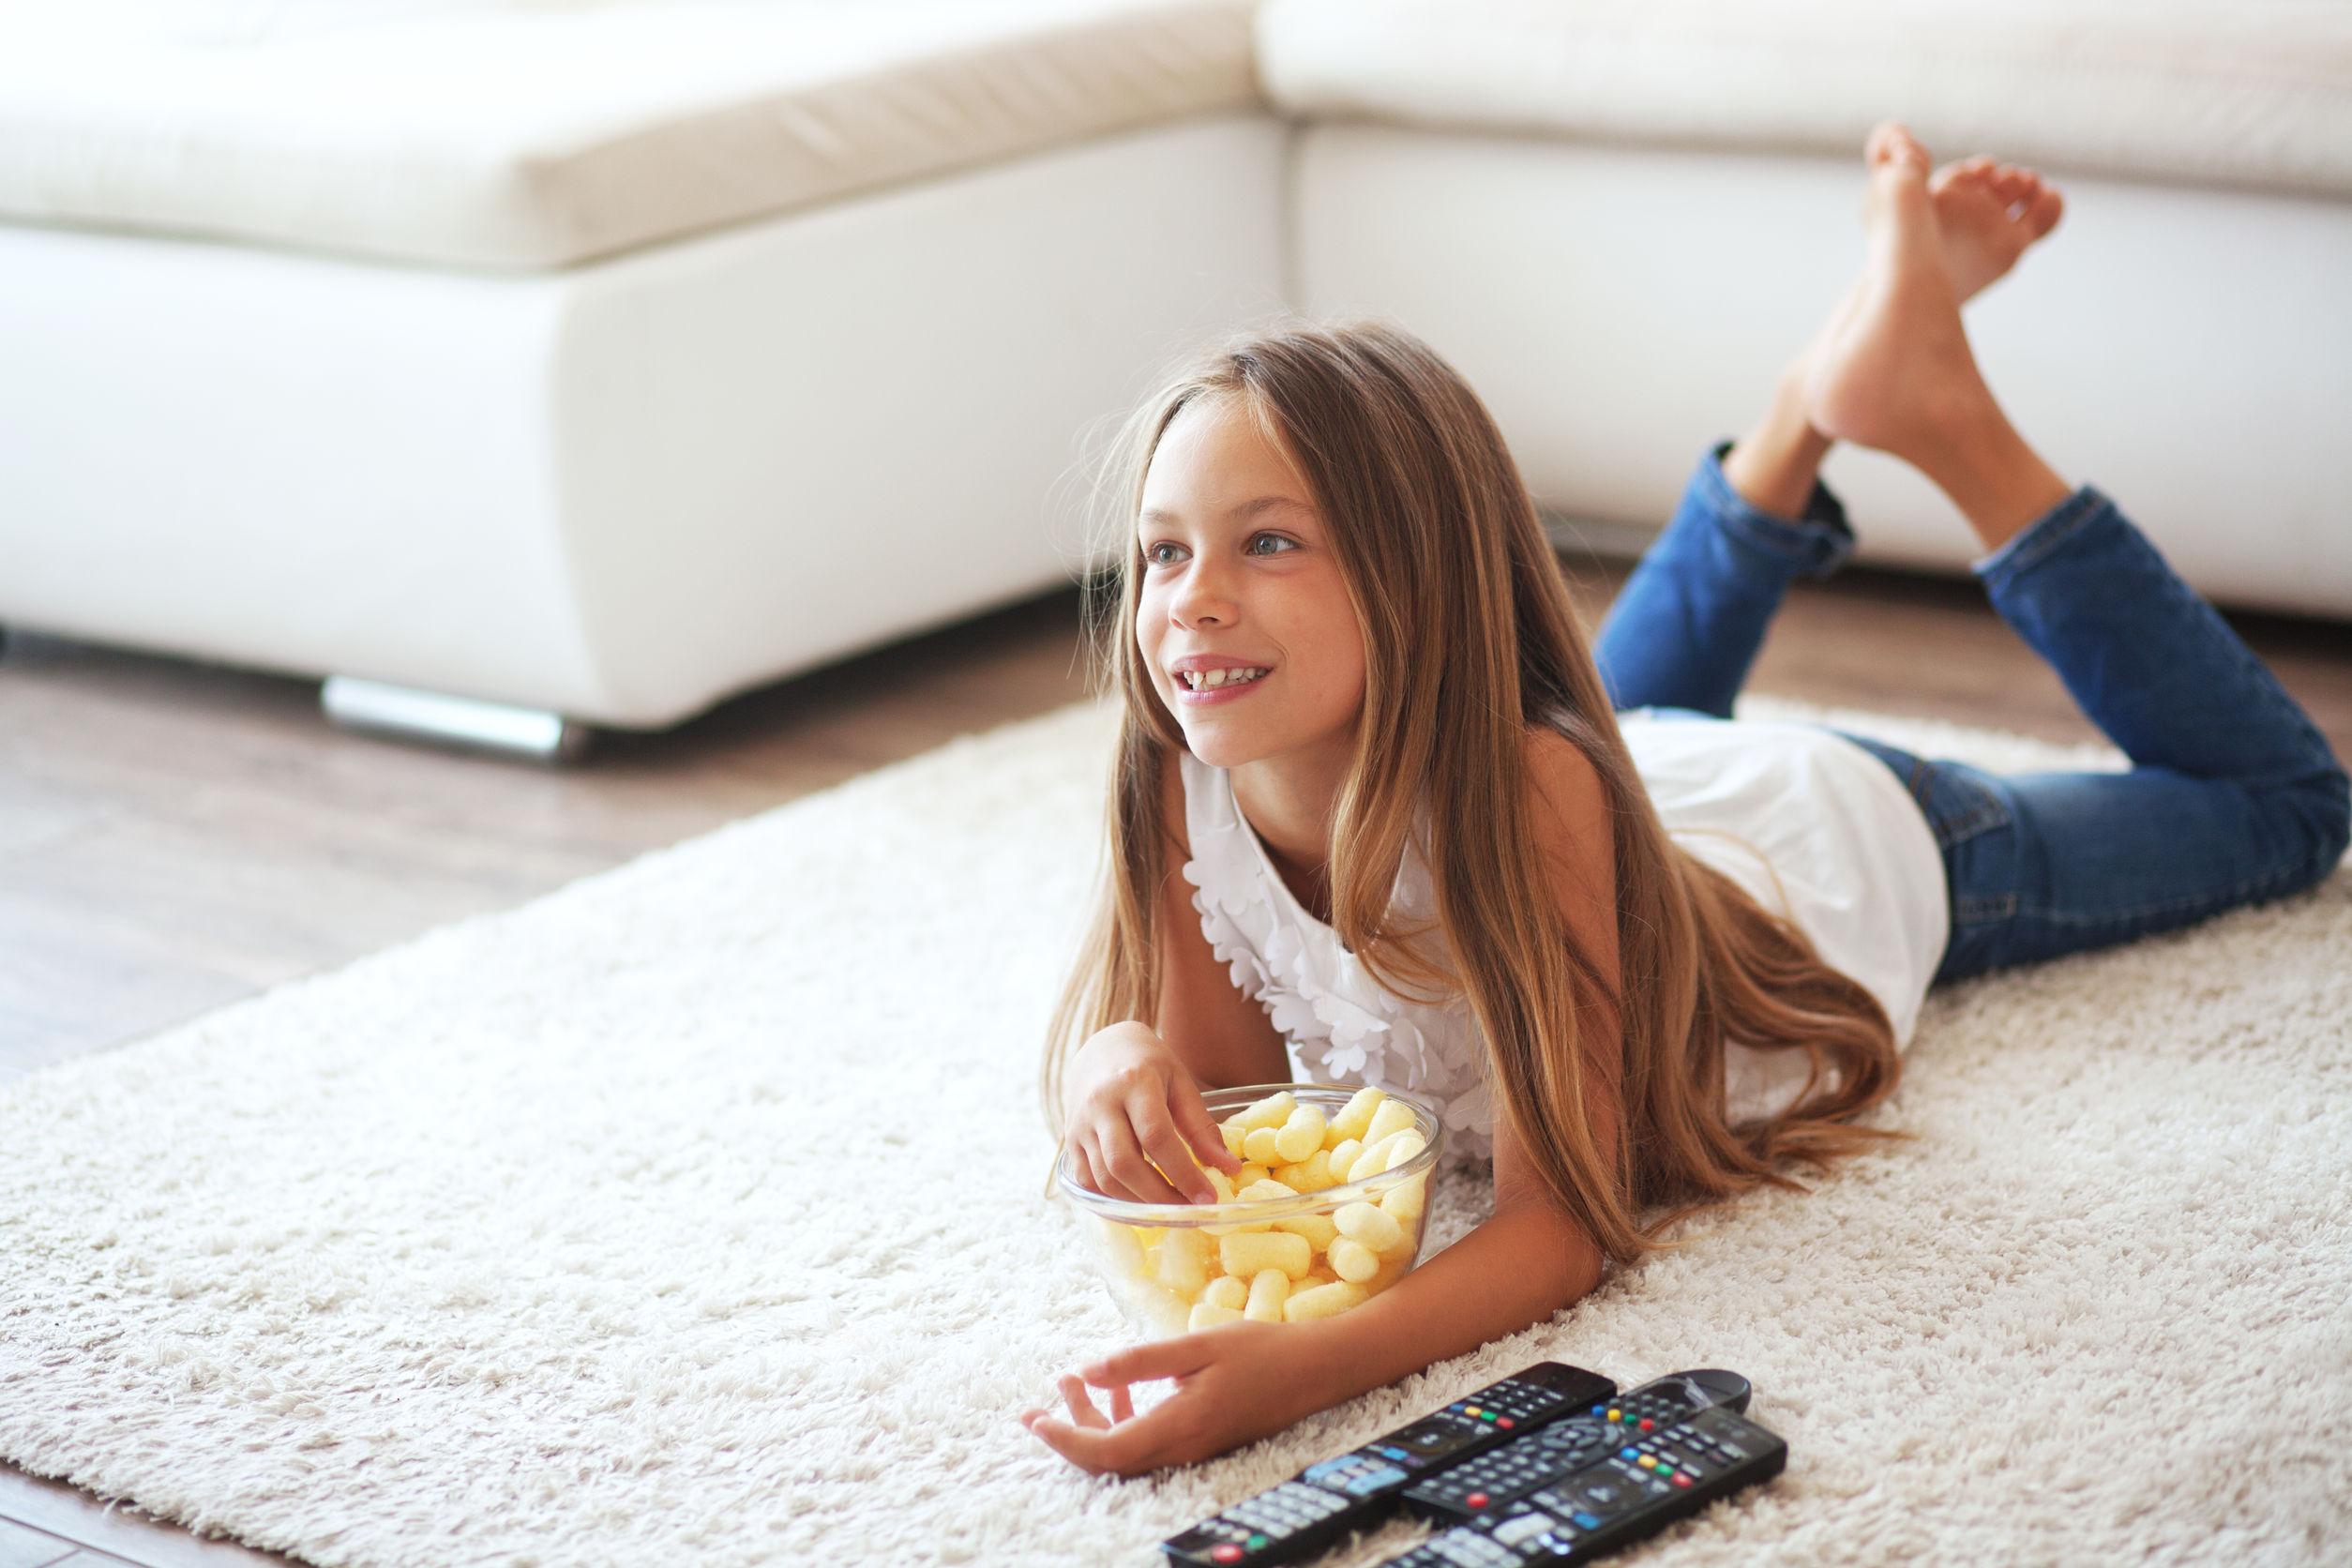 Reklama, a otyłość dzieci